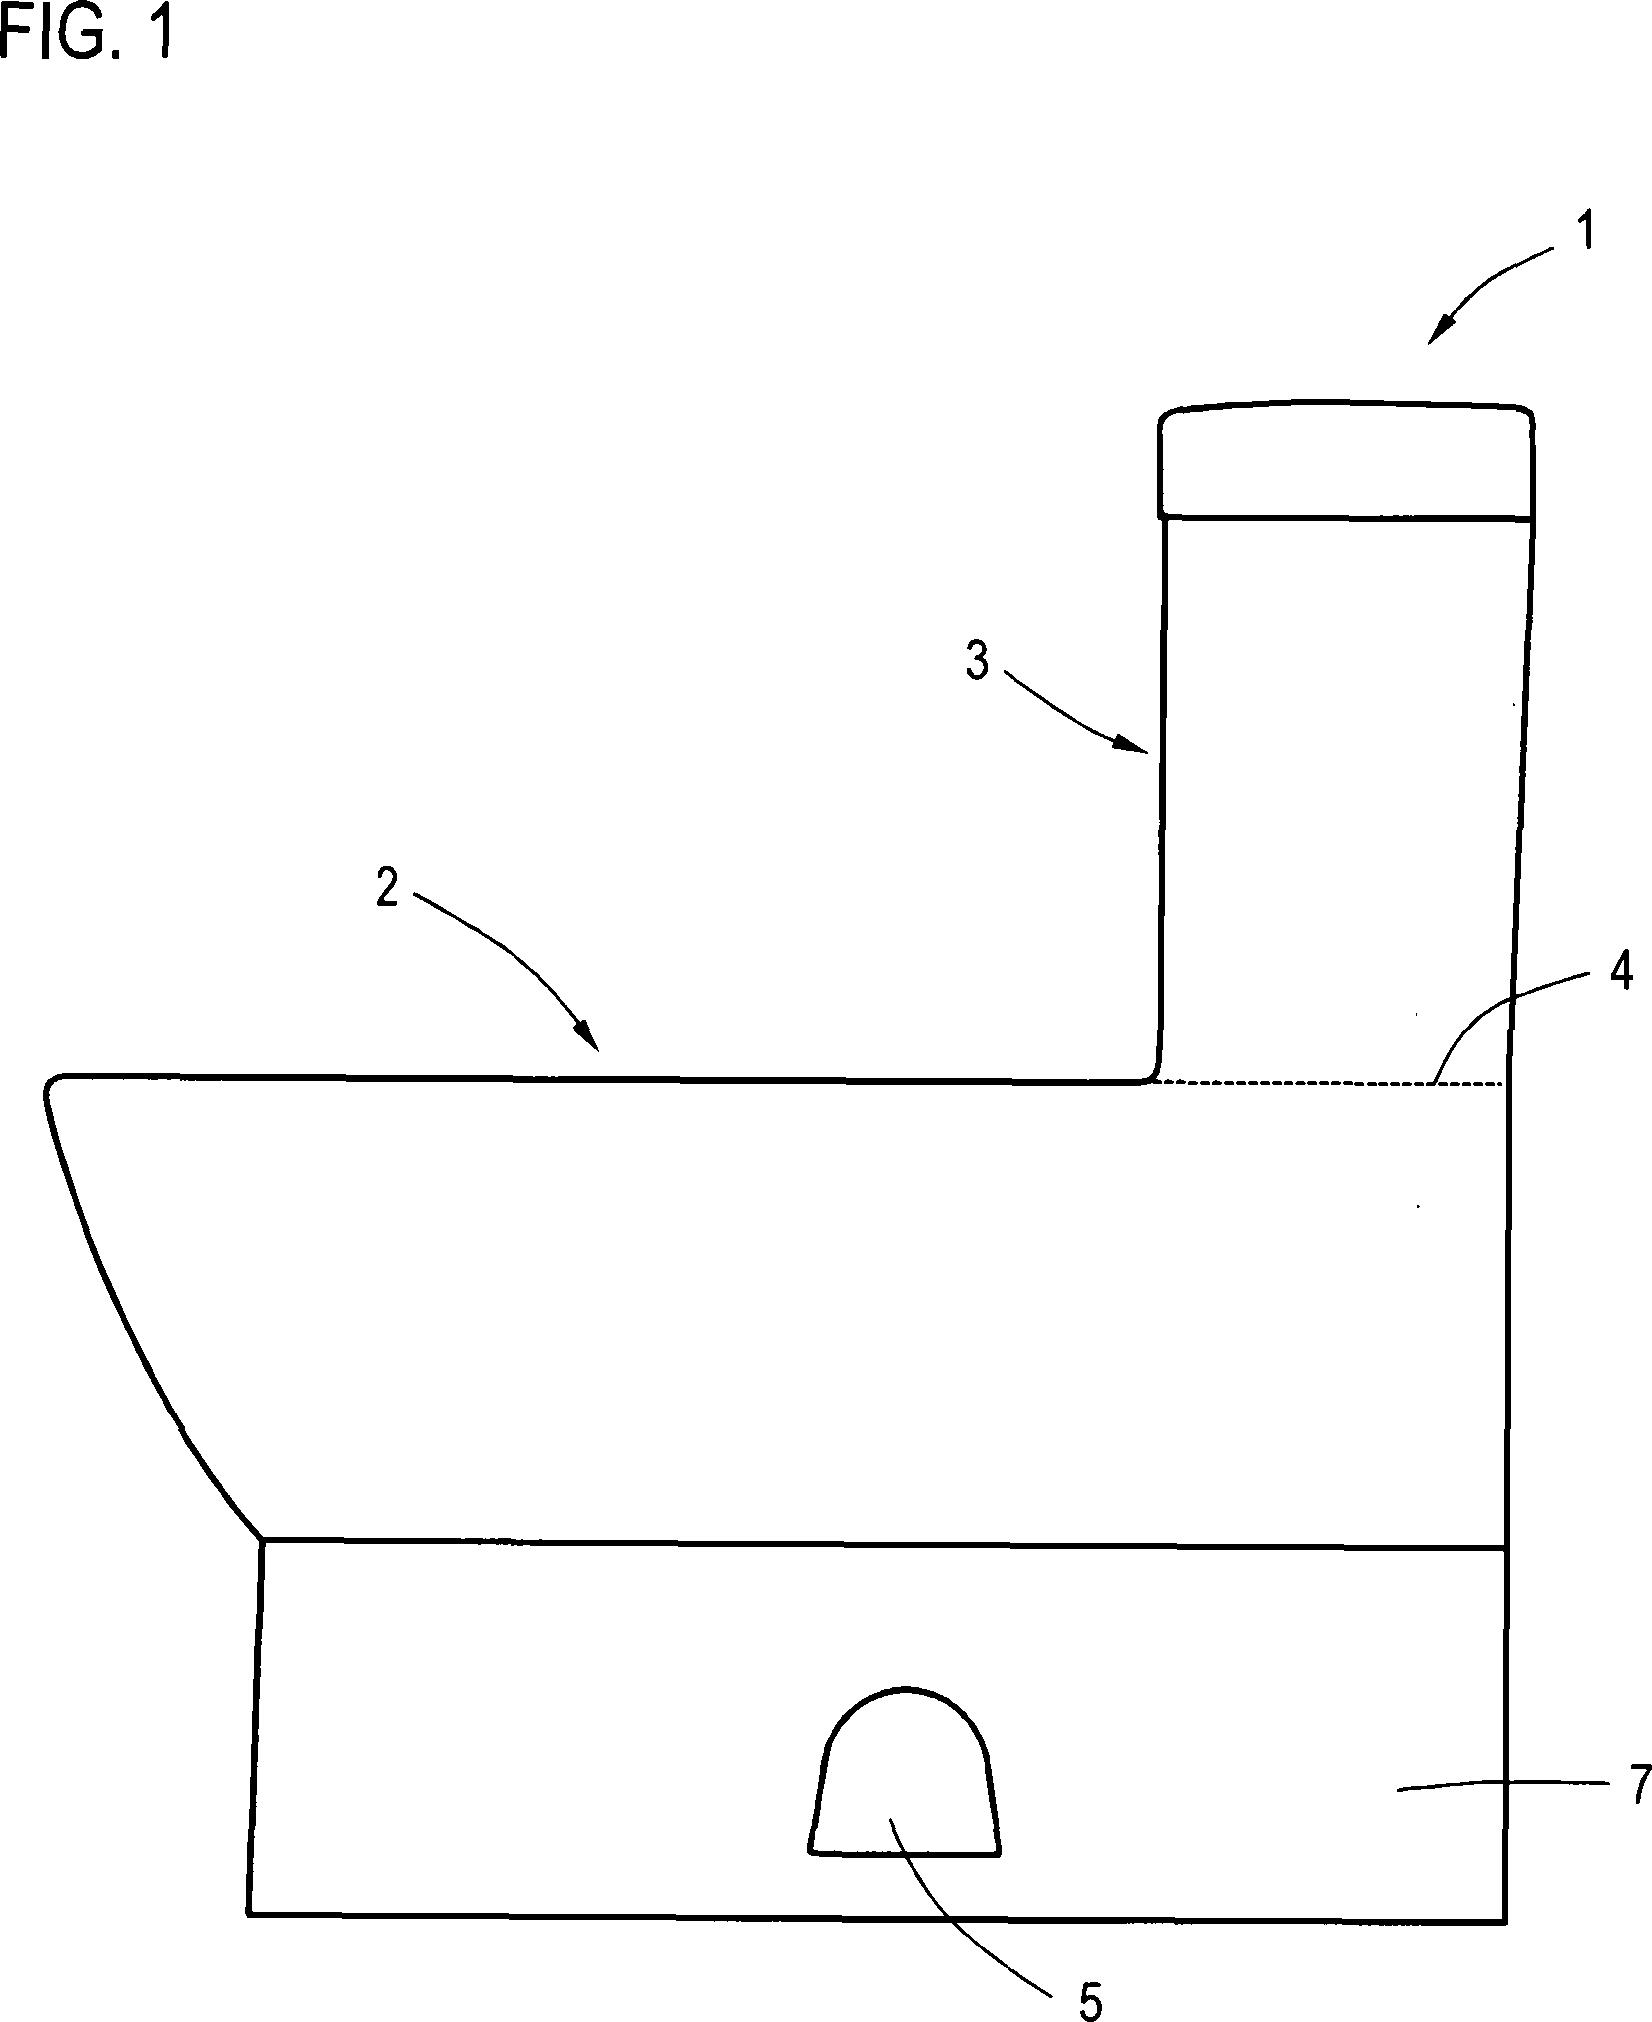 brevet de102012010580a1 stand wc mit angegossenem. Black Bedroom Furniture Sets. Home Design Ideas